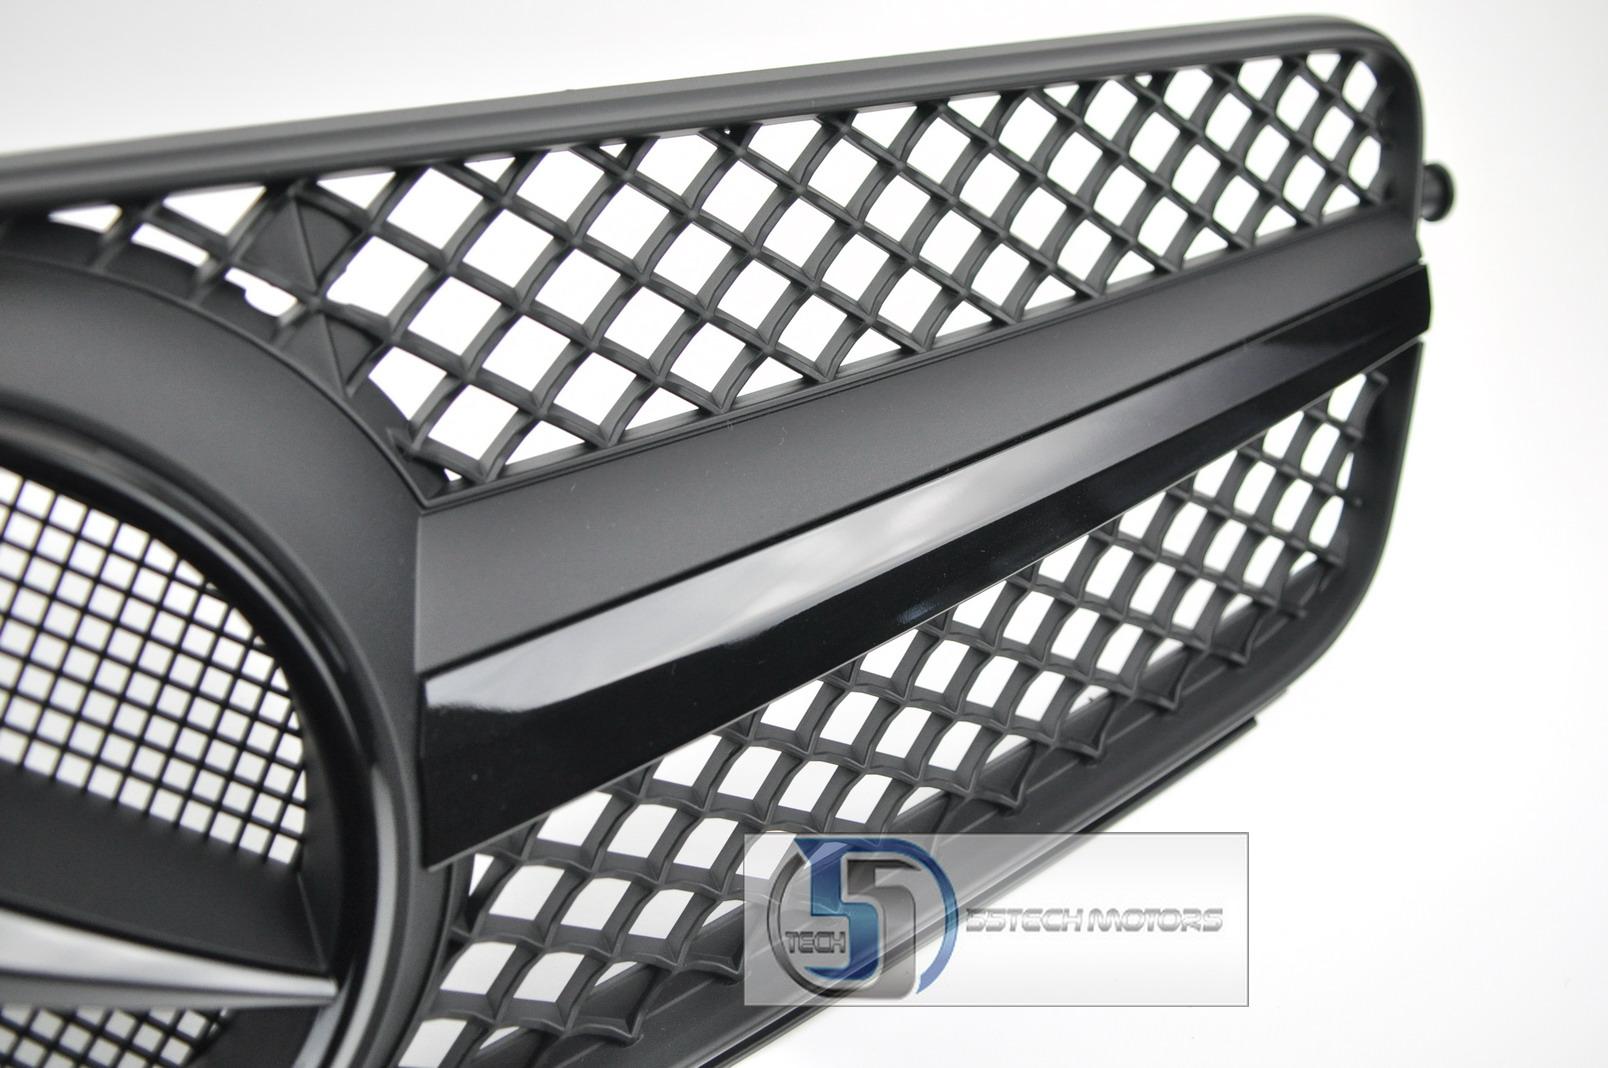 Решетка Радиатора W204 Стиль C63 Amg